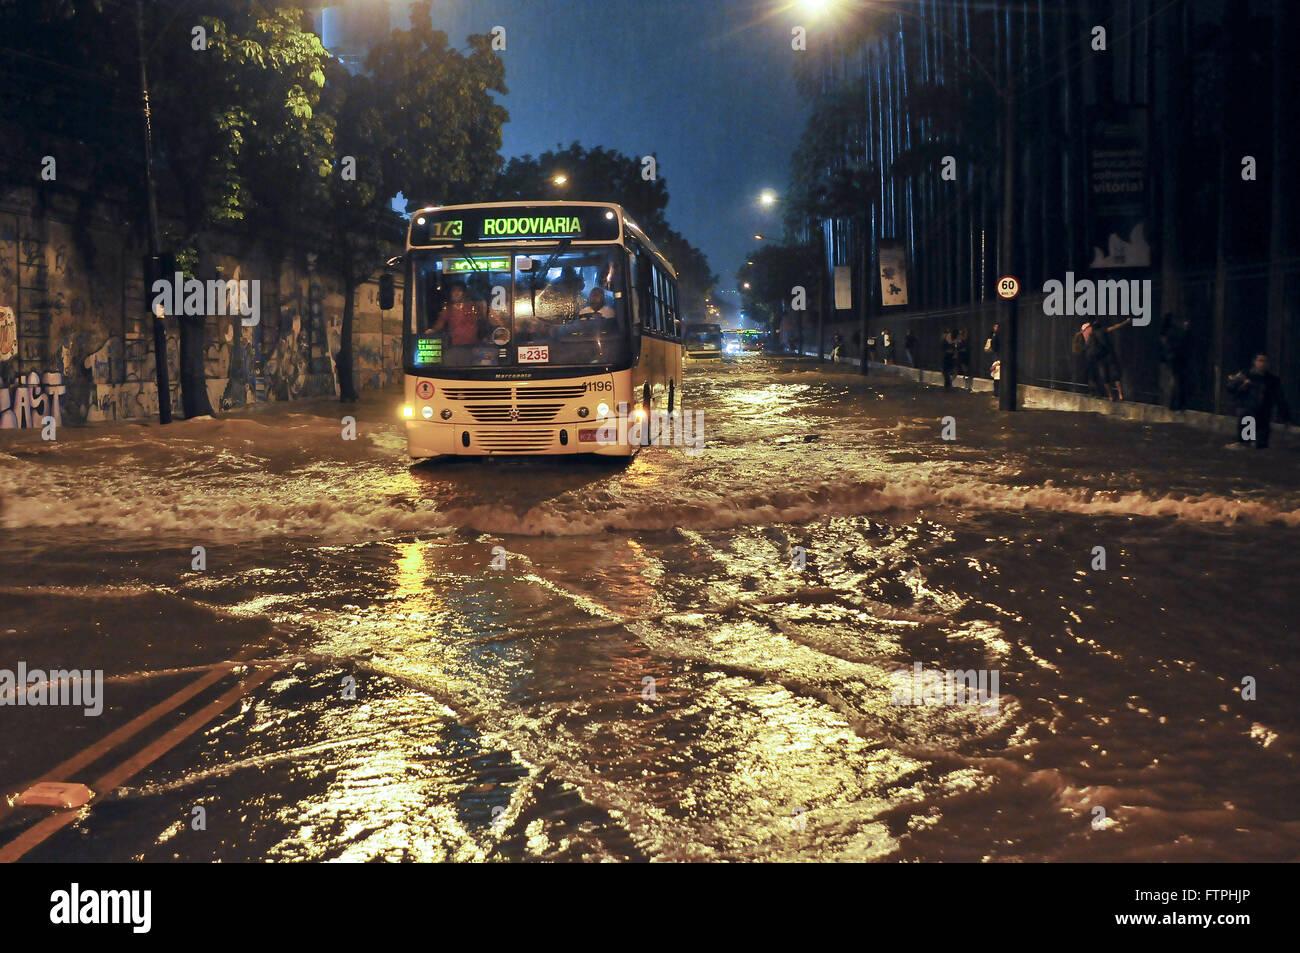 bus crossing flooded street Botanical Garden in Rio de Janeiro Stock ...